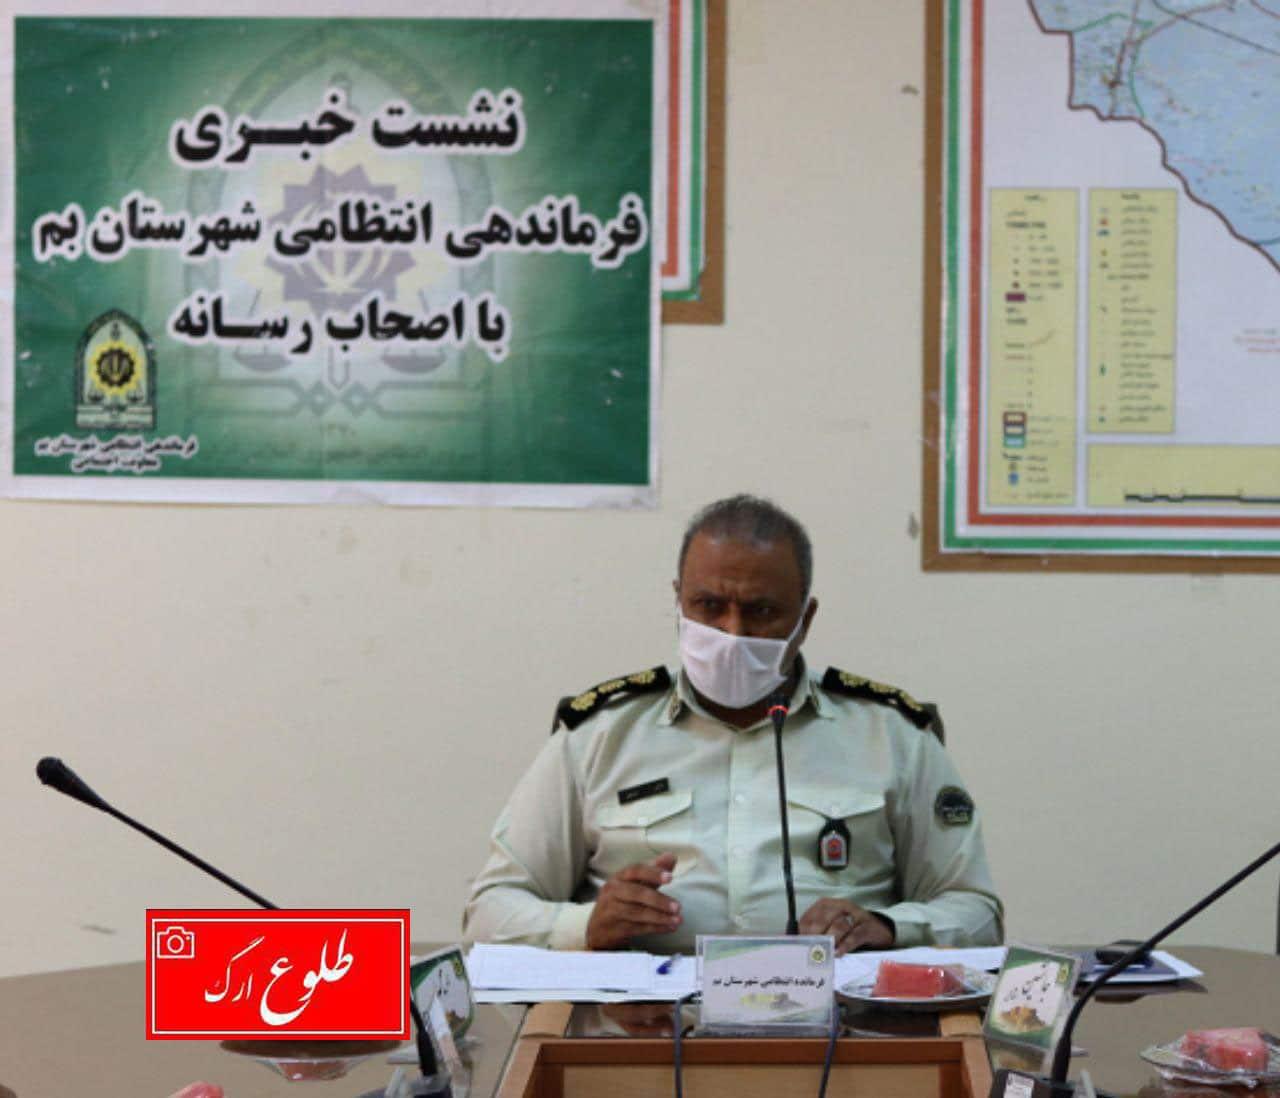 نشست خبری فرماندهی انتظامی شهرستان بم با اصحاب رسانه